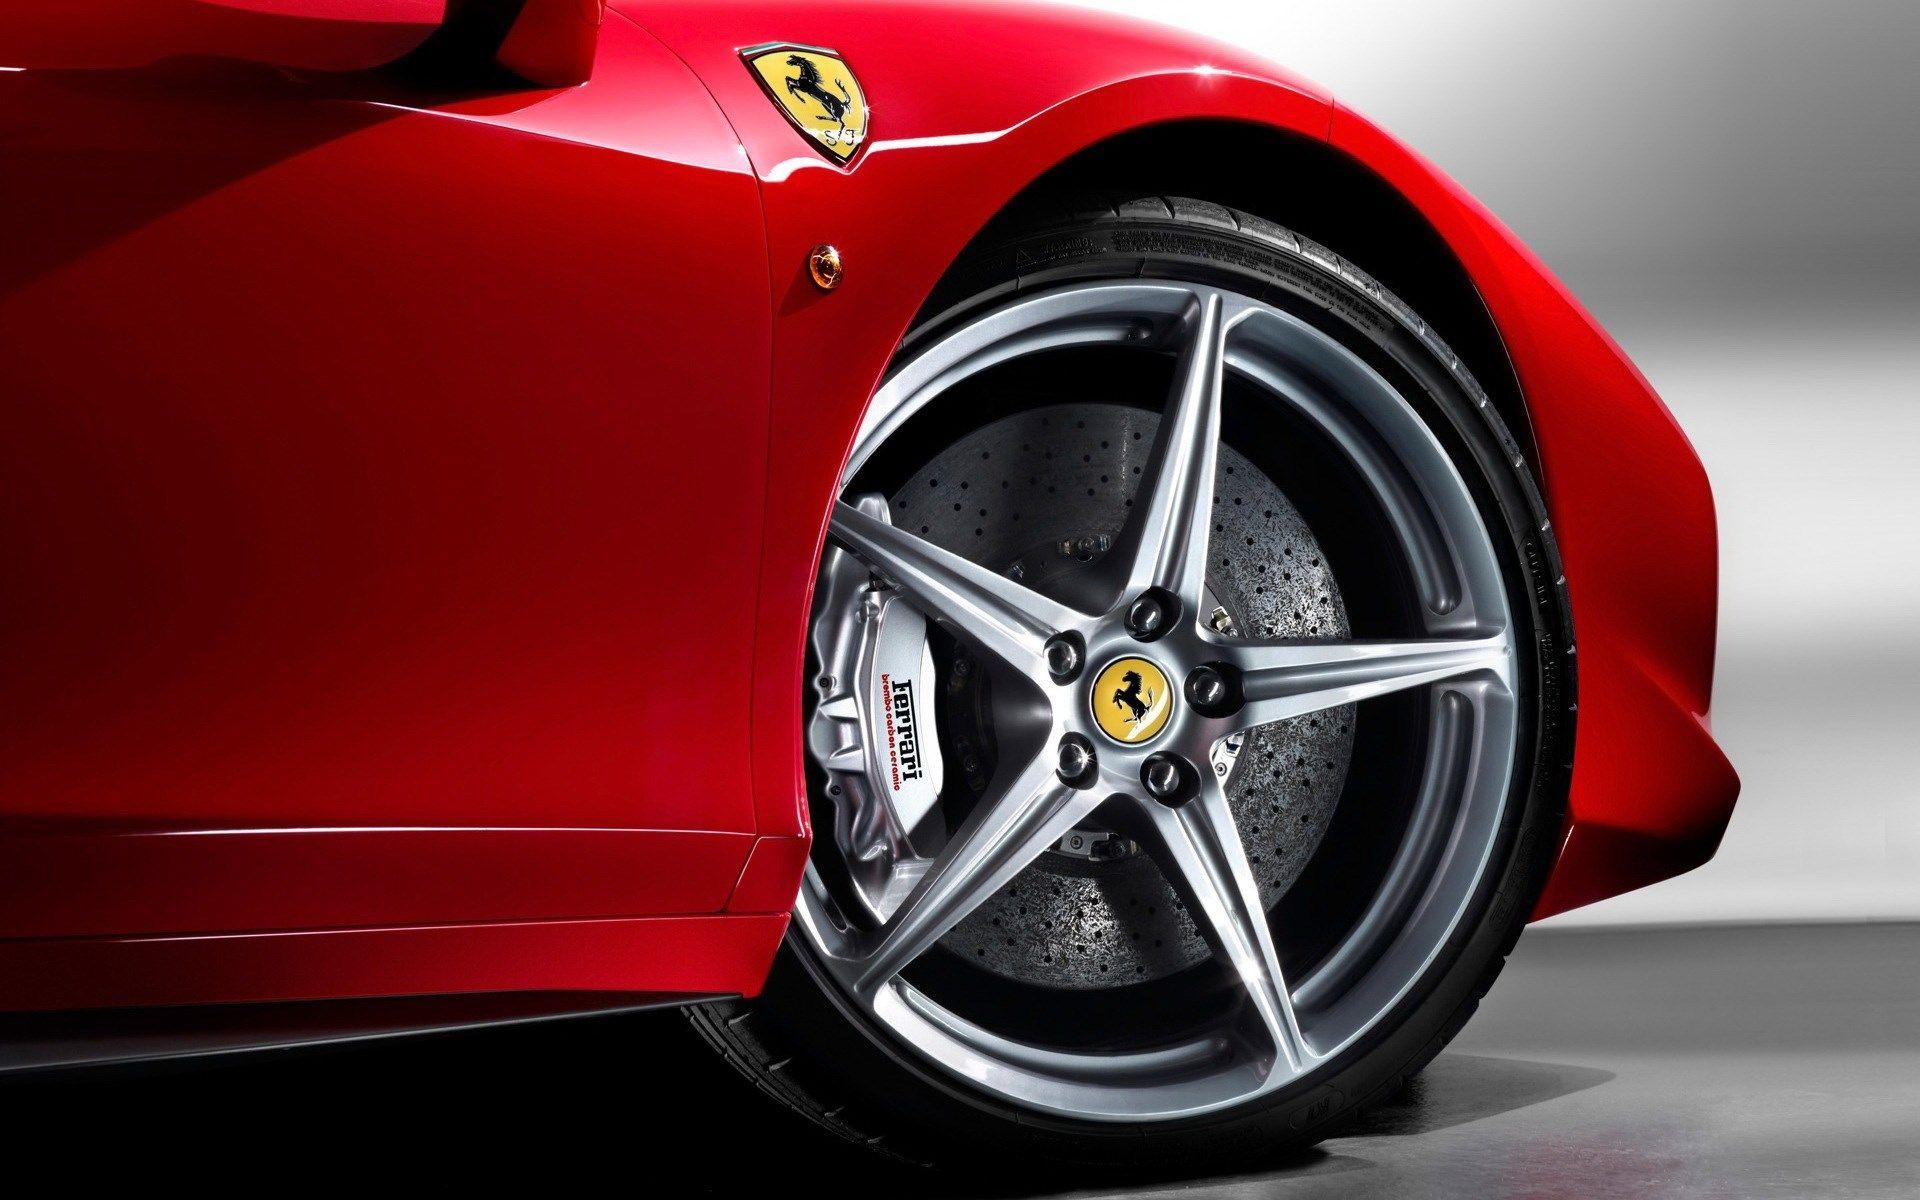 Ferrari 458 Italia Wallpaper Widescreen Retina Imac 1920x1200 294 KB